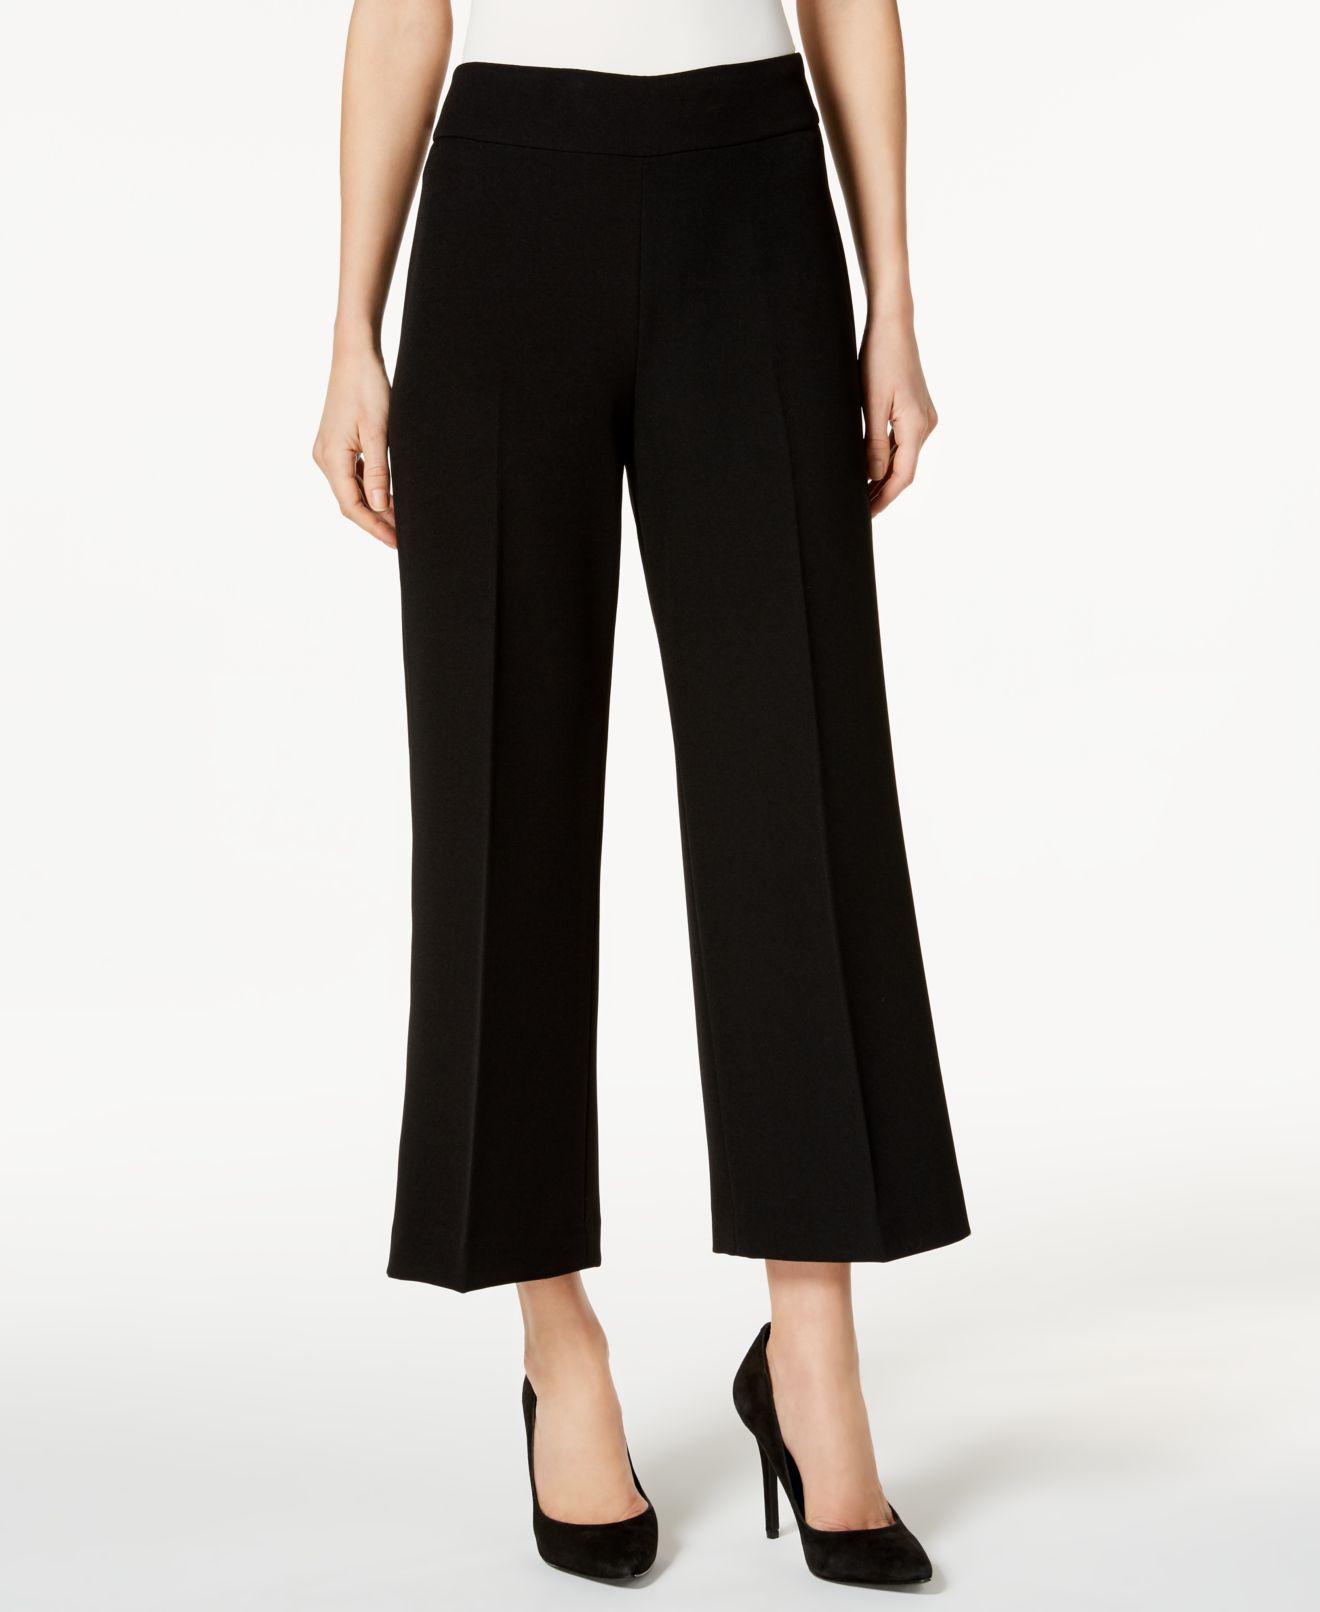 Kasper New Black Women S Size 14 Cropped Wide Leg Dress